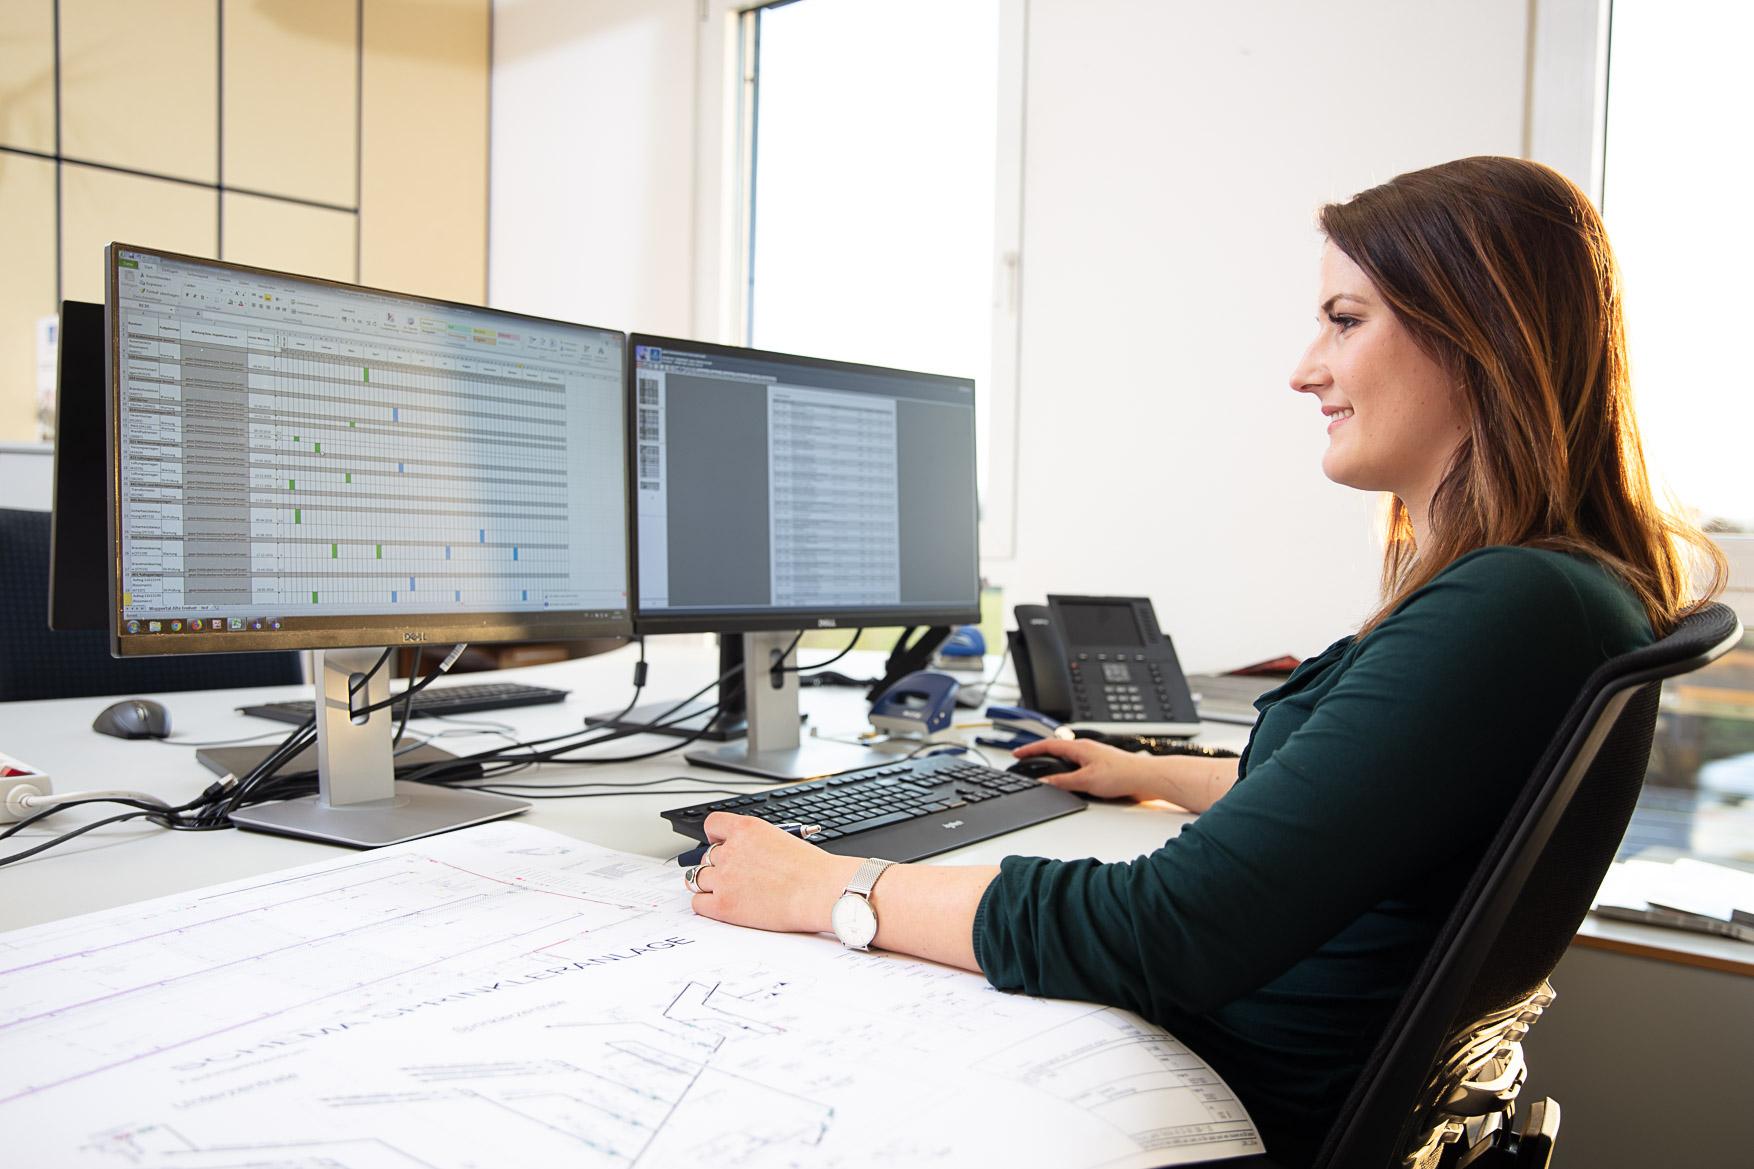 Erstellung Betriebskonzepte - Gebäudemanagement bei gepe Gebäudedienste Peterhoff GmbH